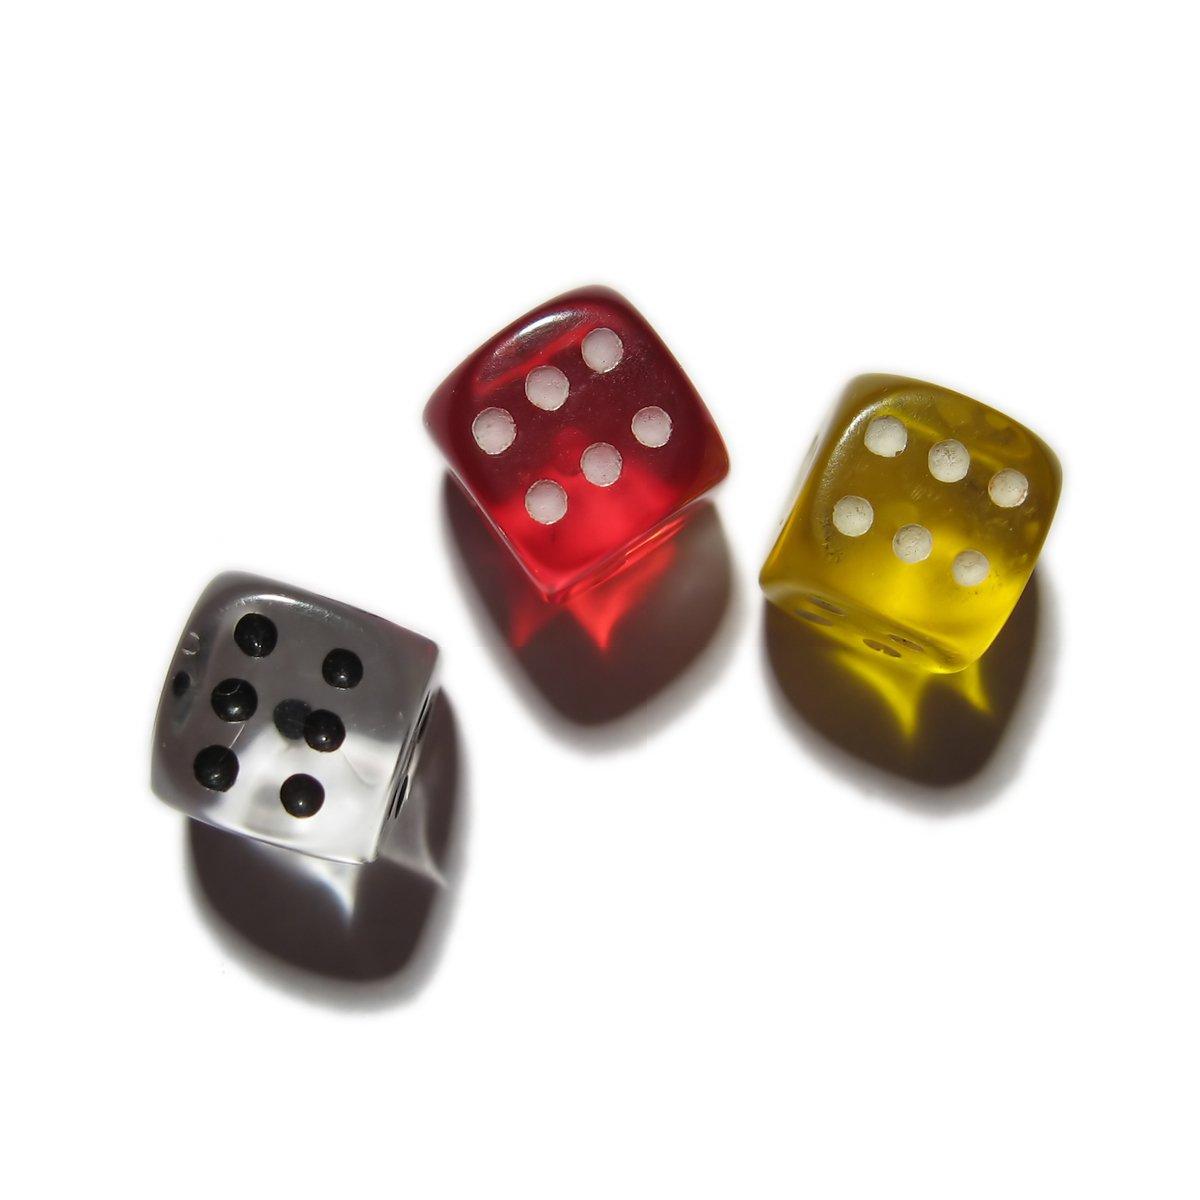 Dices,dice,dices,three